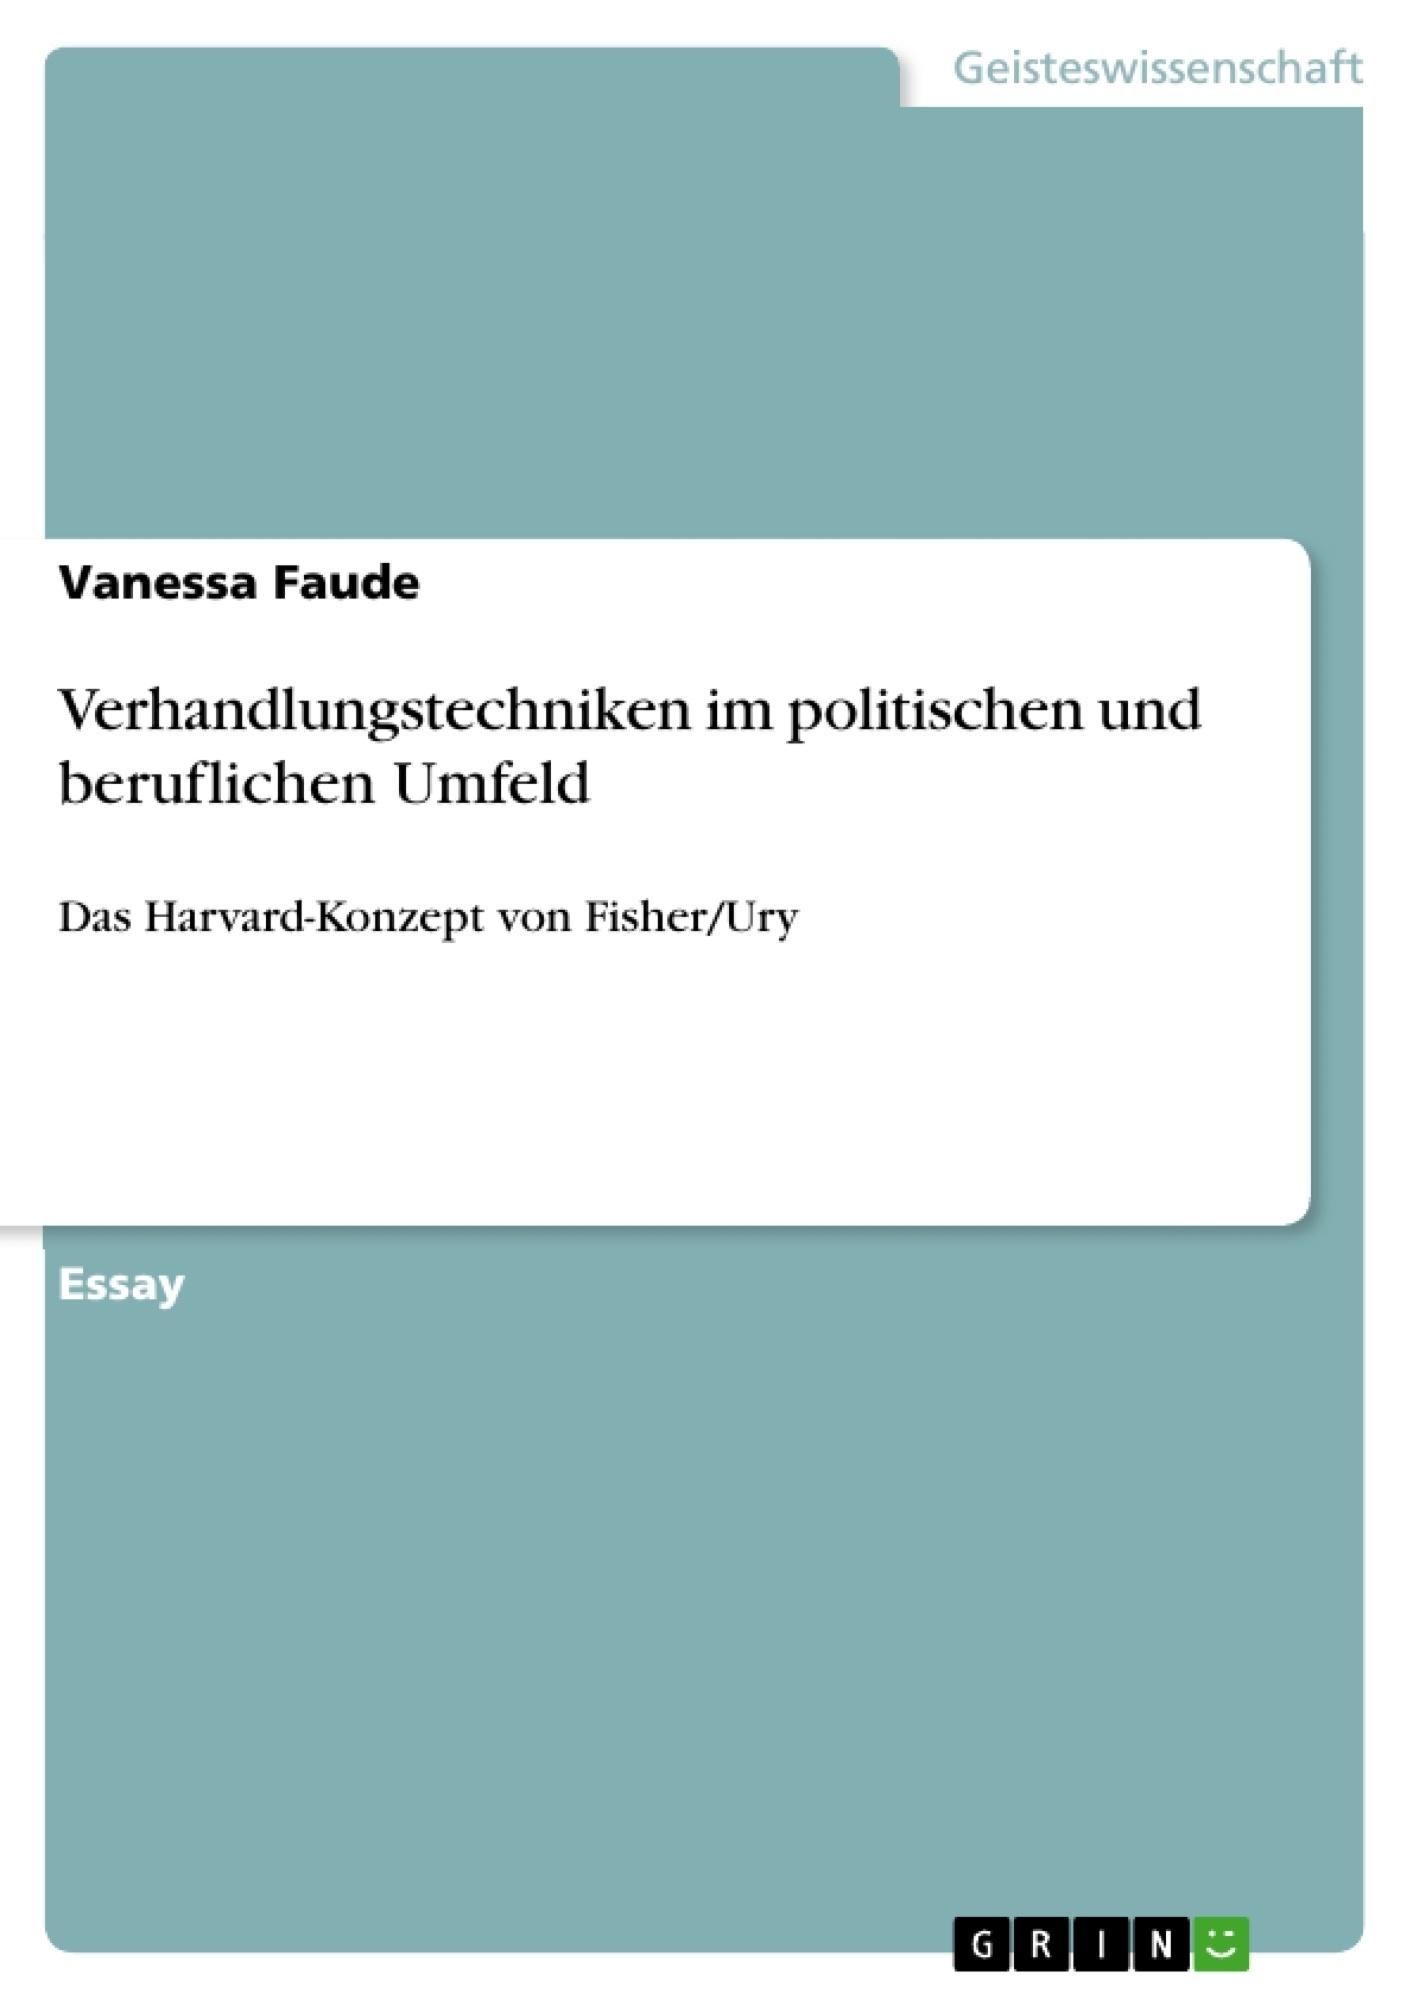 Titel: Verhandlungstechniken im politischen und beruflichen Umfeld